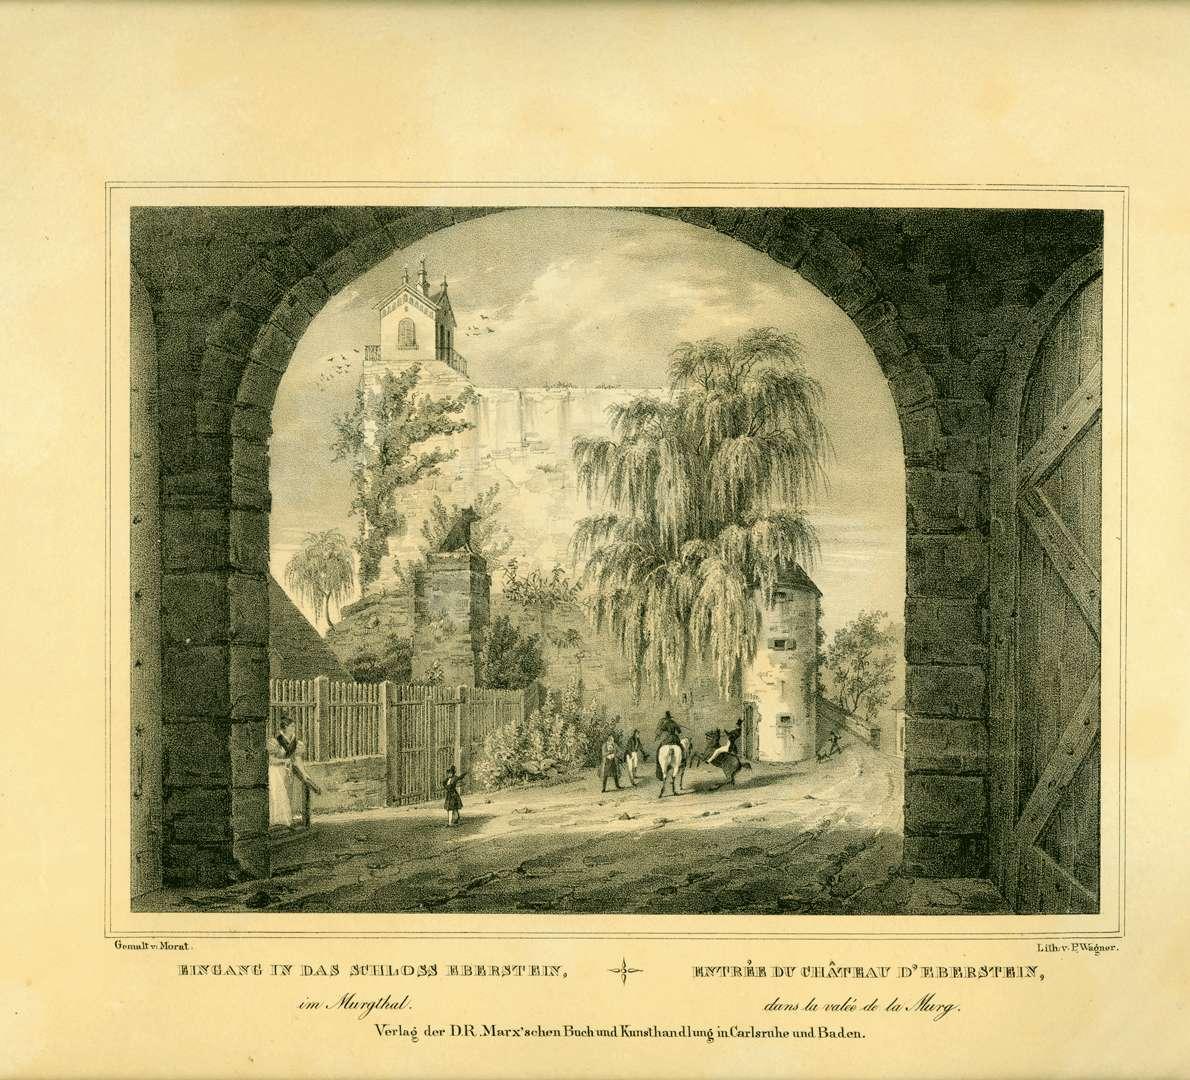 Eingang in das Schloss Eberstein im Murgtal, Entrée du Château d